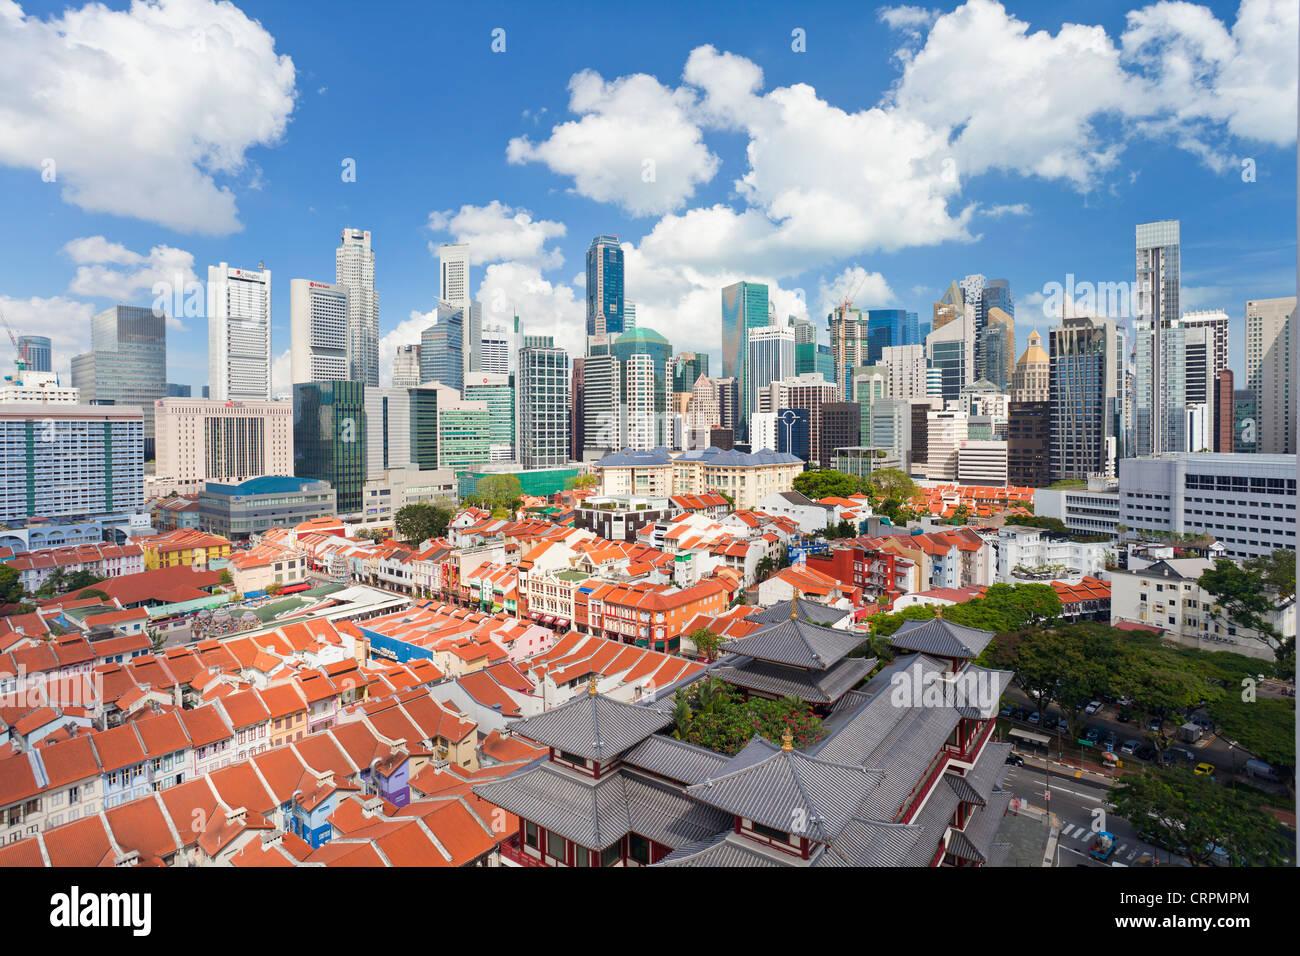 Vista elevada sobre las tradicionales casas en Chinatown, Singapur, Sudeste de Asia, Asia Imagen De Stock